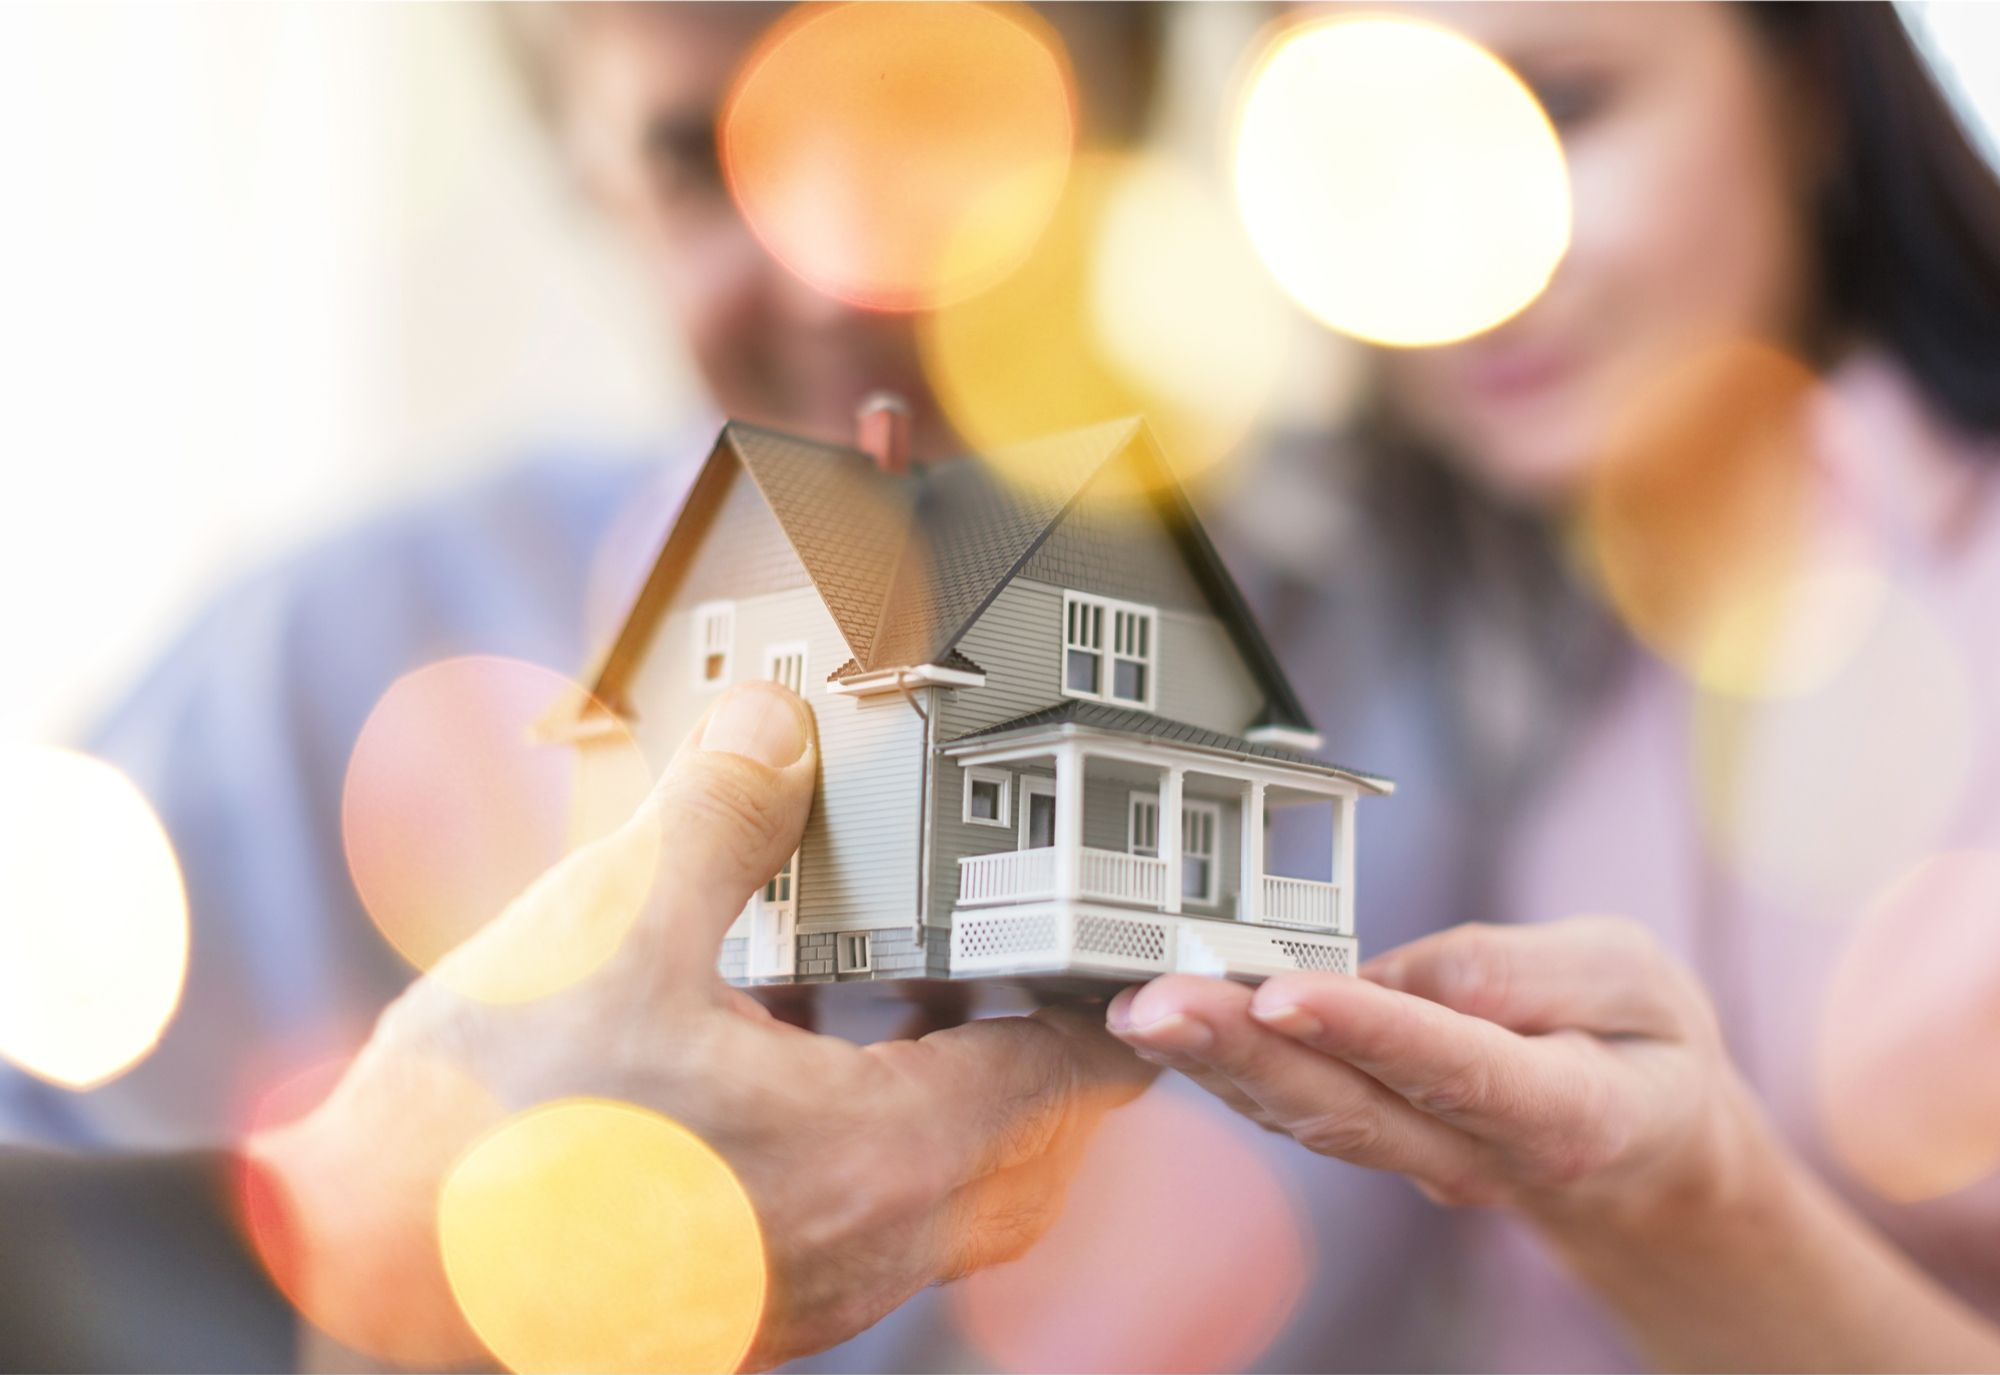 Pensez à sécuriser votre habitation avant l'été !